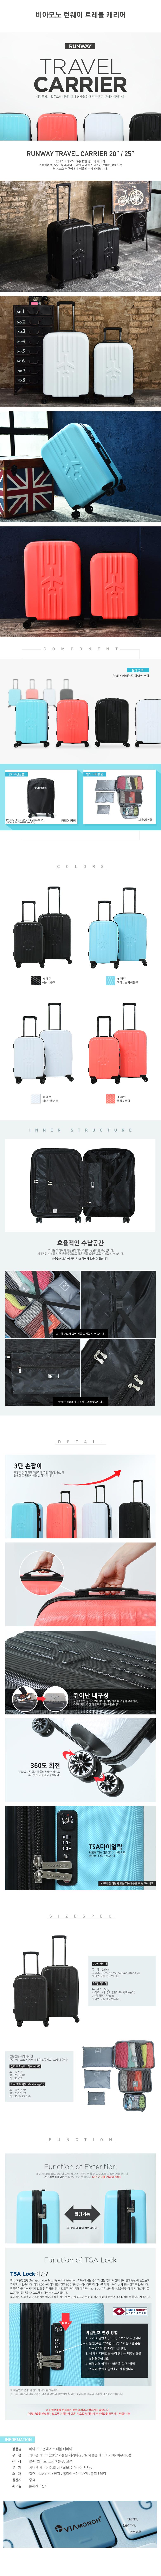 비아모노 런웨이 블랙 20형 기내용 캐리어 여행가방 확장형 - 꼬뱅, 109,000원, 하드형, 기내용(20형) 이하